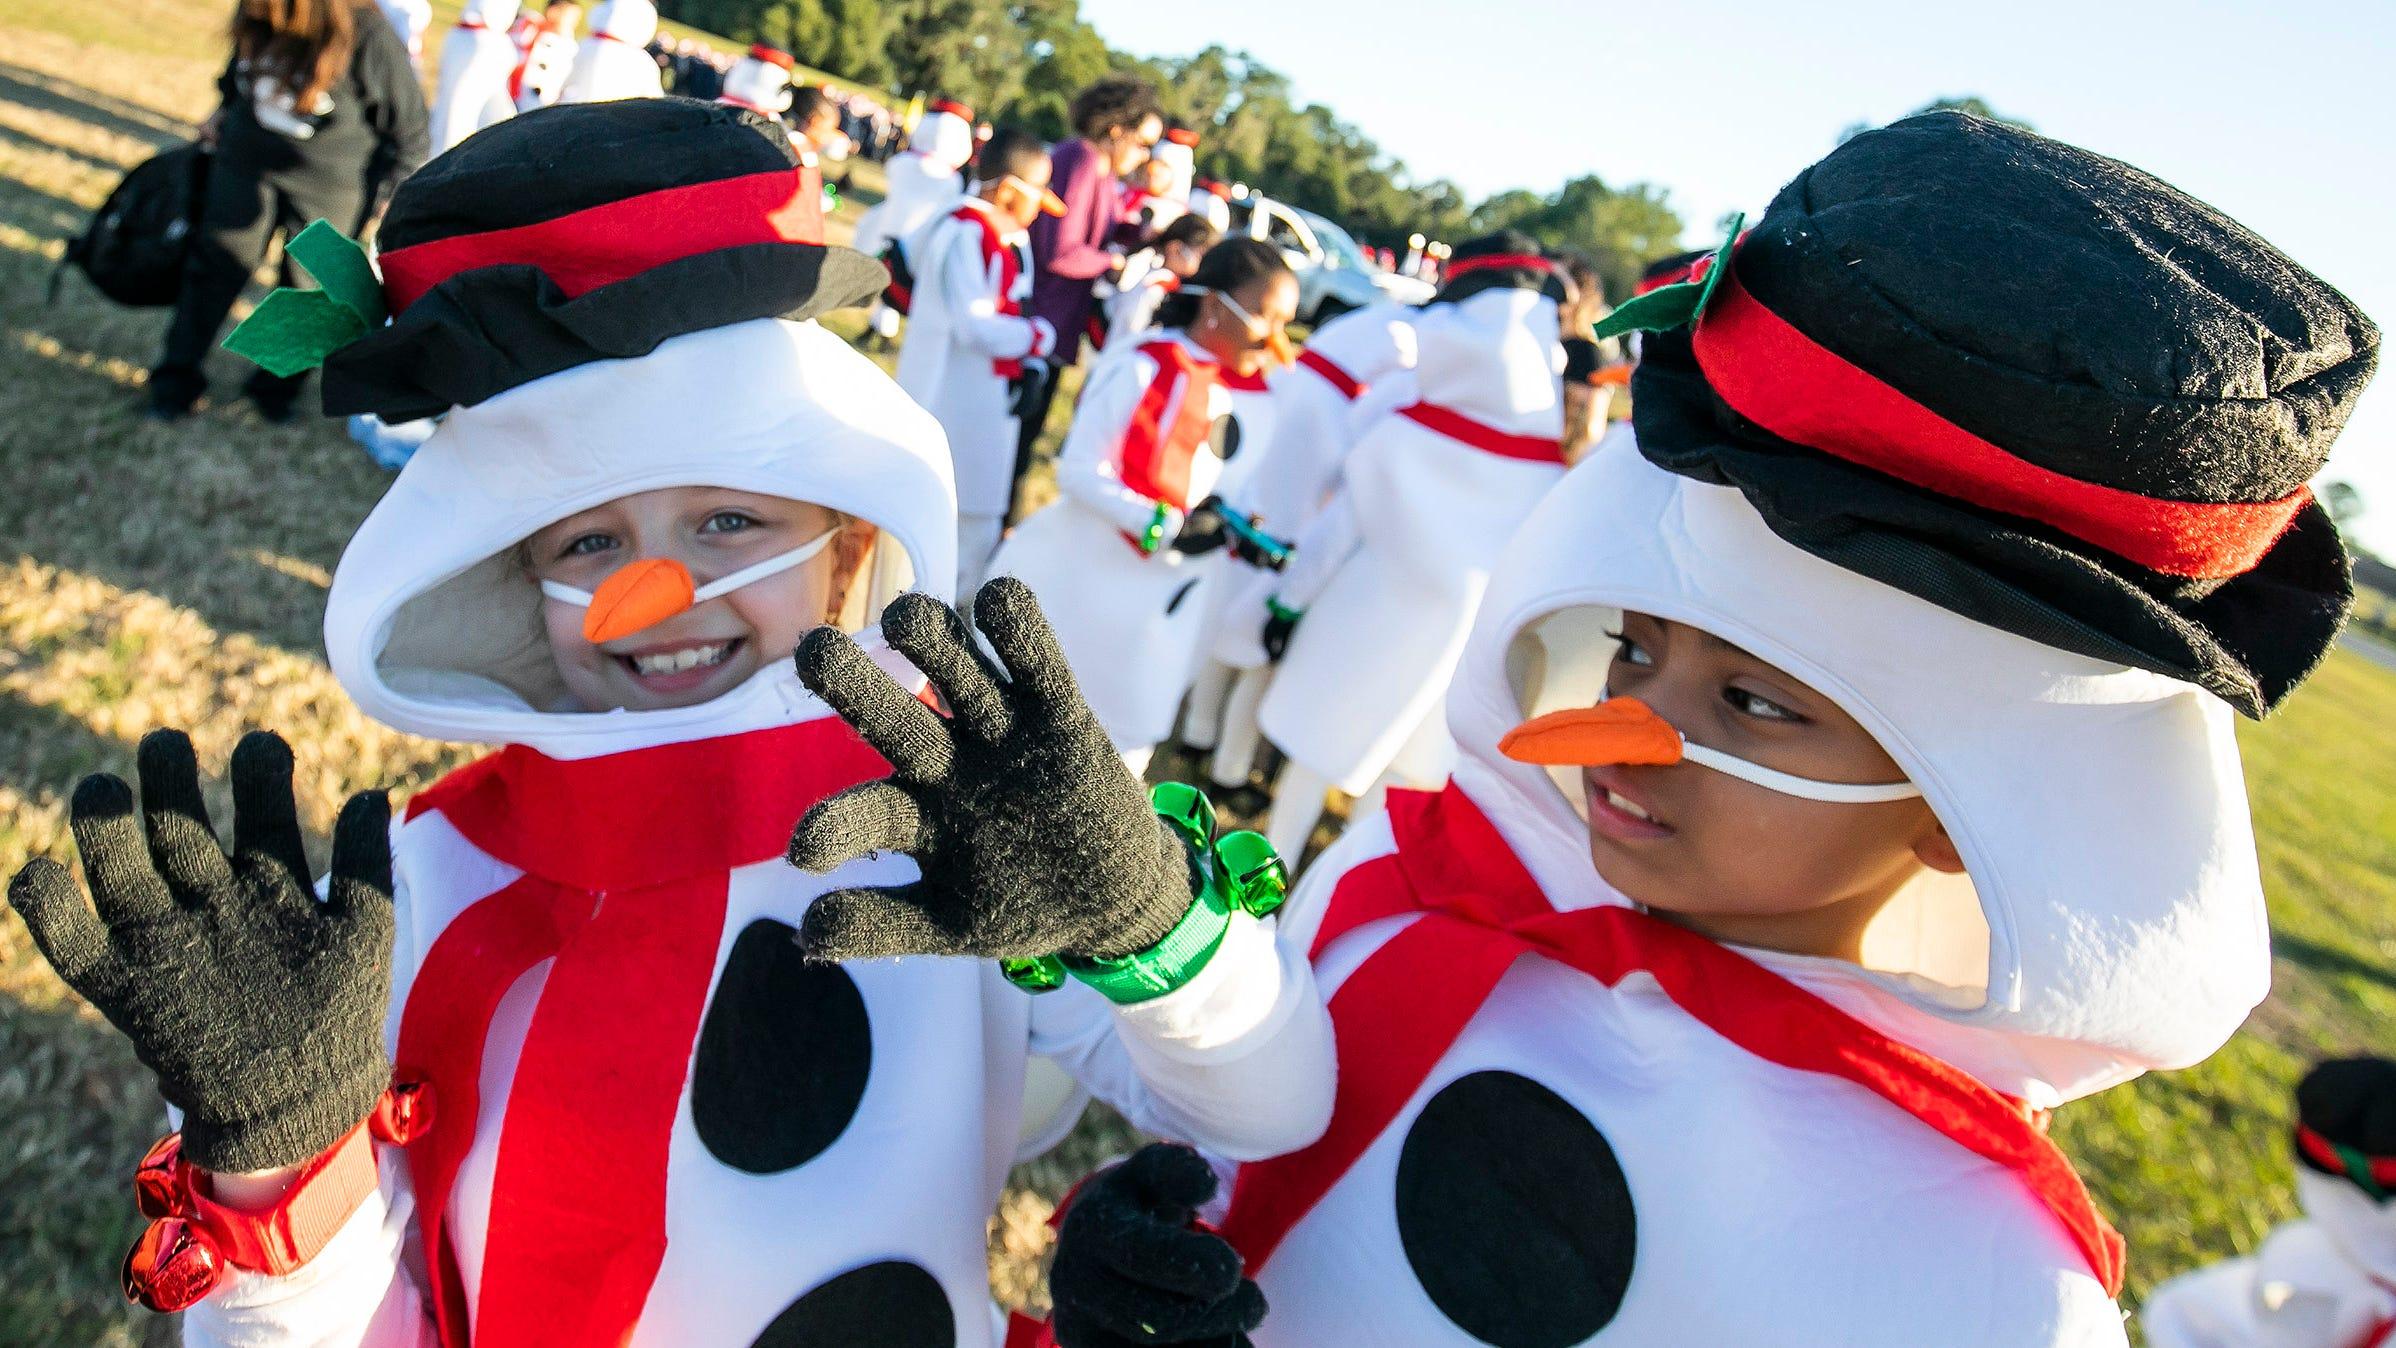 Ocala Christmas Parade 2021 The Ocala Christmas Parade Is A Go